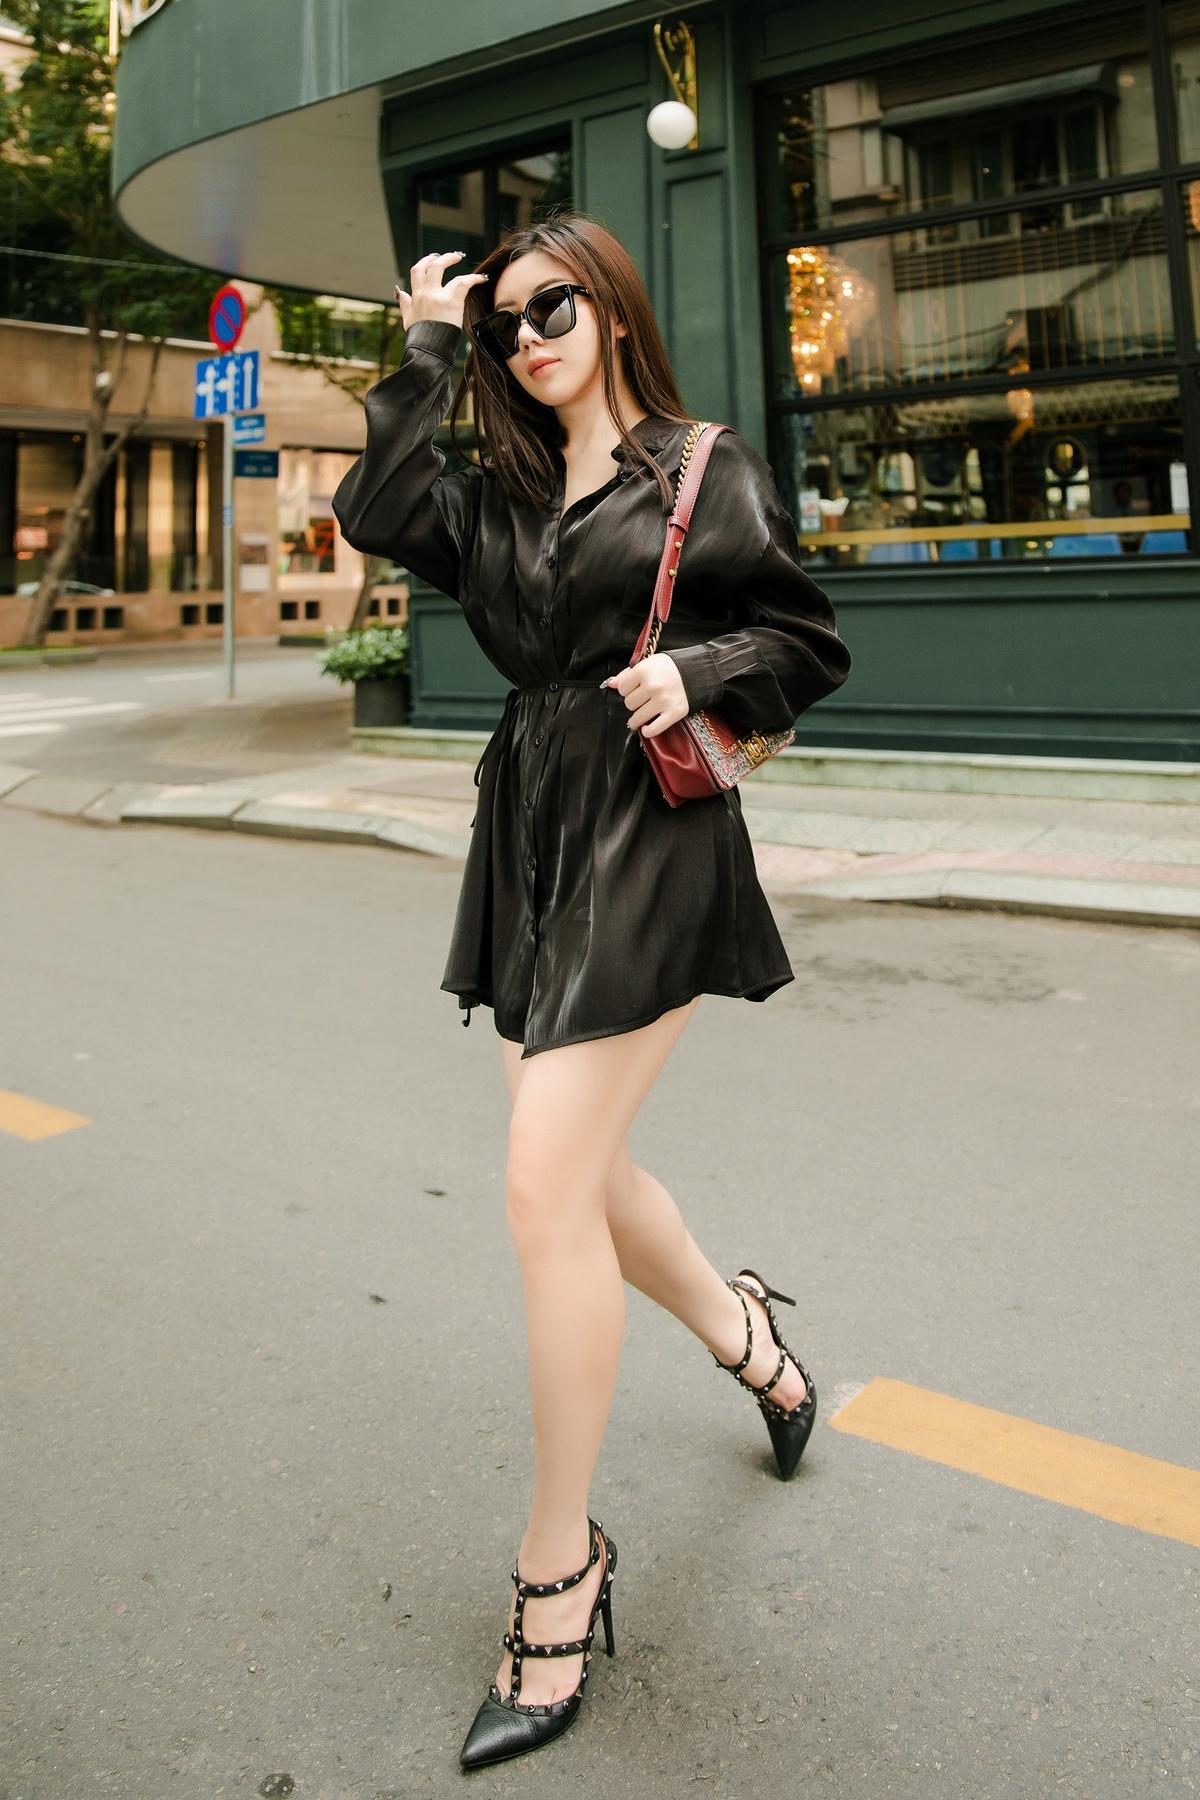 Màu đen luôn là lựa chọn an toàn nhưng đem lại hiệu quả cao trong thời trang. Amanda Baby tạo điểm nhấn cho bộ đồ đơn sắc bằng cách mặc áo giấu quần.